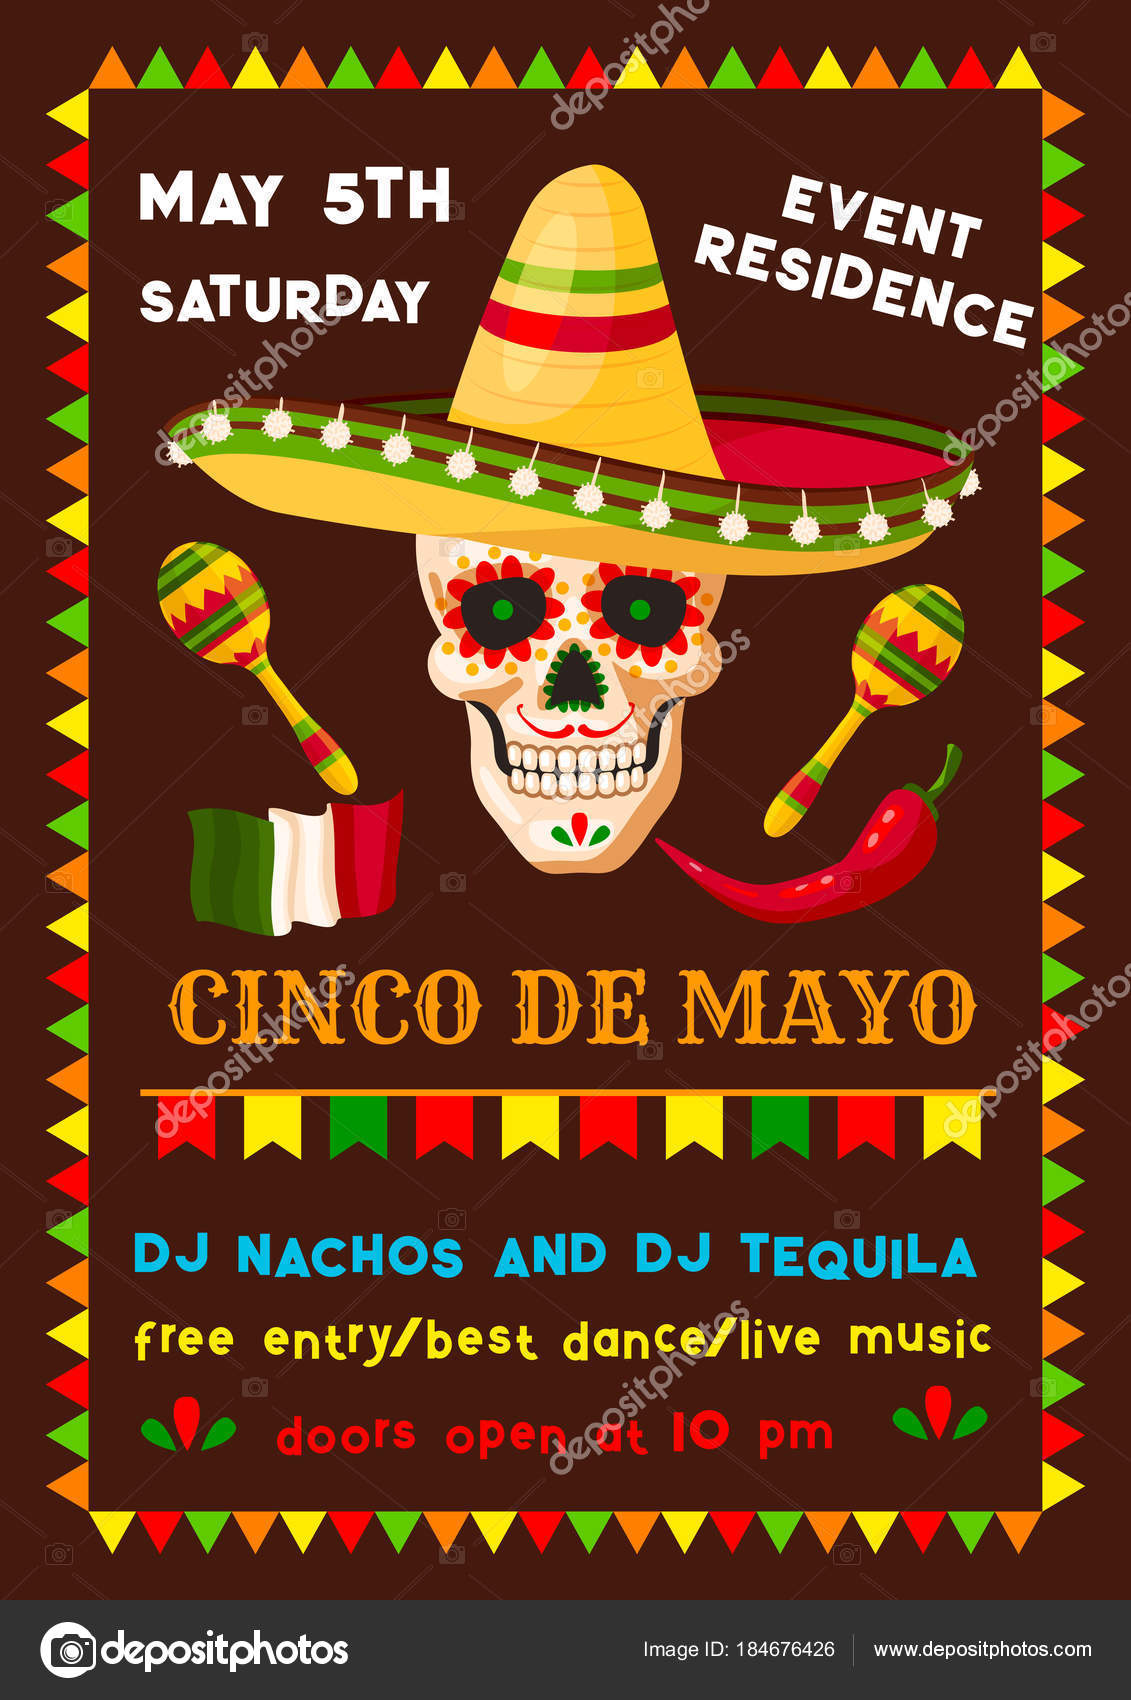 Cinco de Mayo cartel de invitación para fiesta mexicana fiesta de  celebración del día de fiesta nacional. Diseño de flyer vector cráneo en  sombrero con ... 1f065358bc2